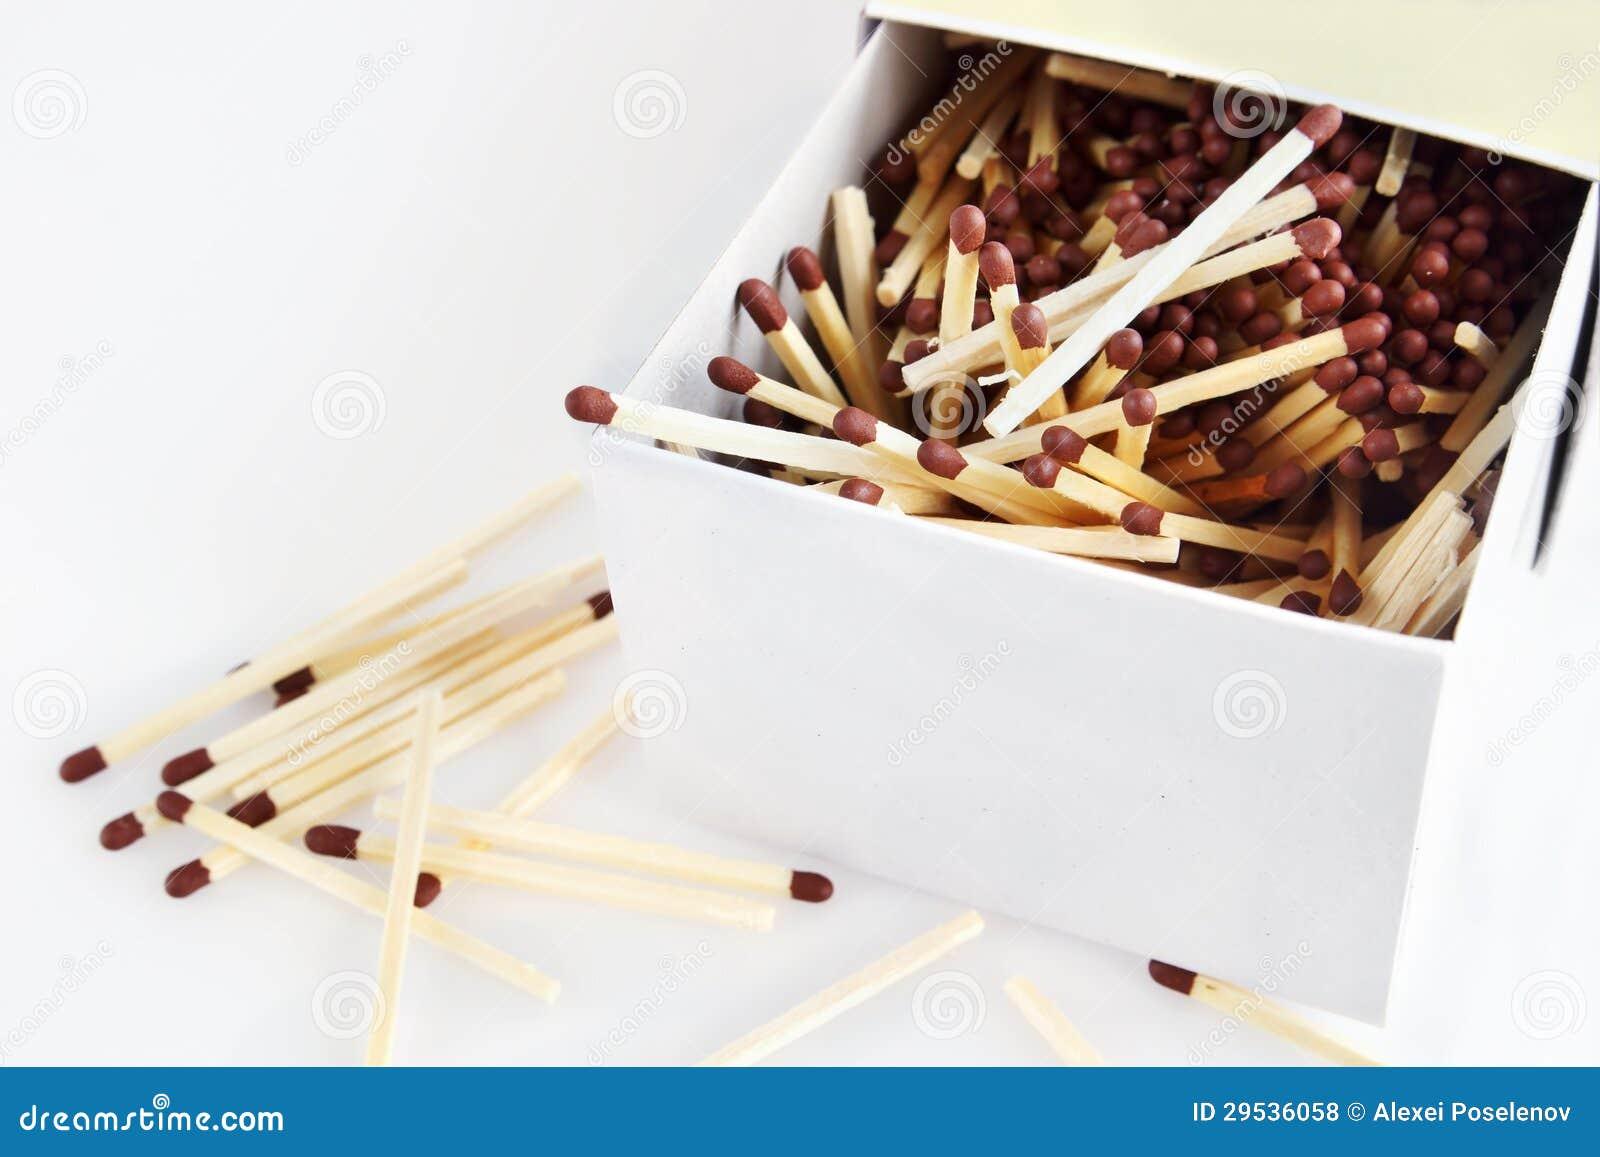 Fósforos em uma caixa grande